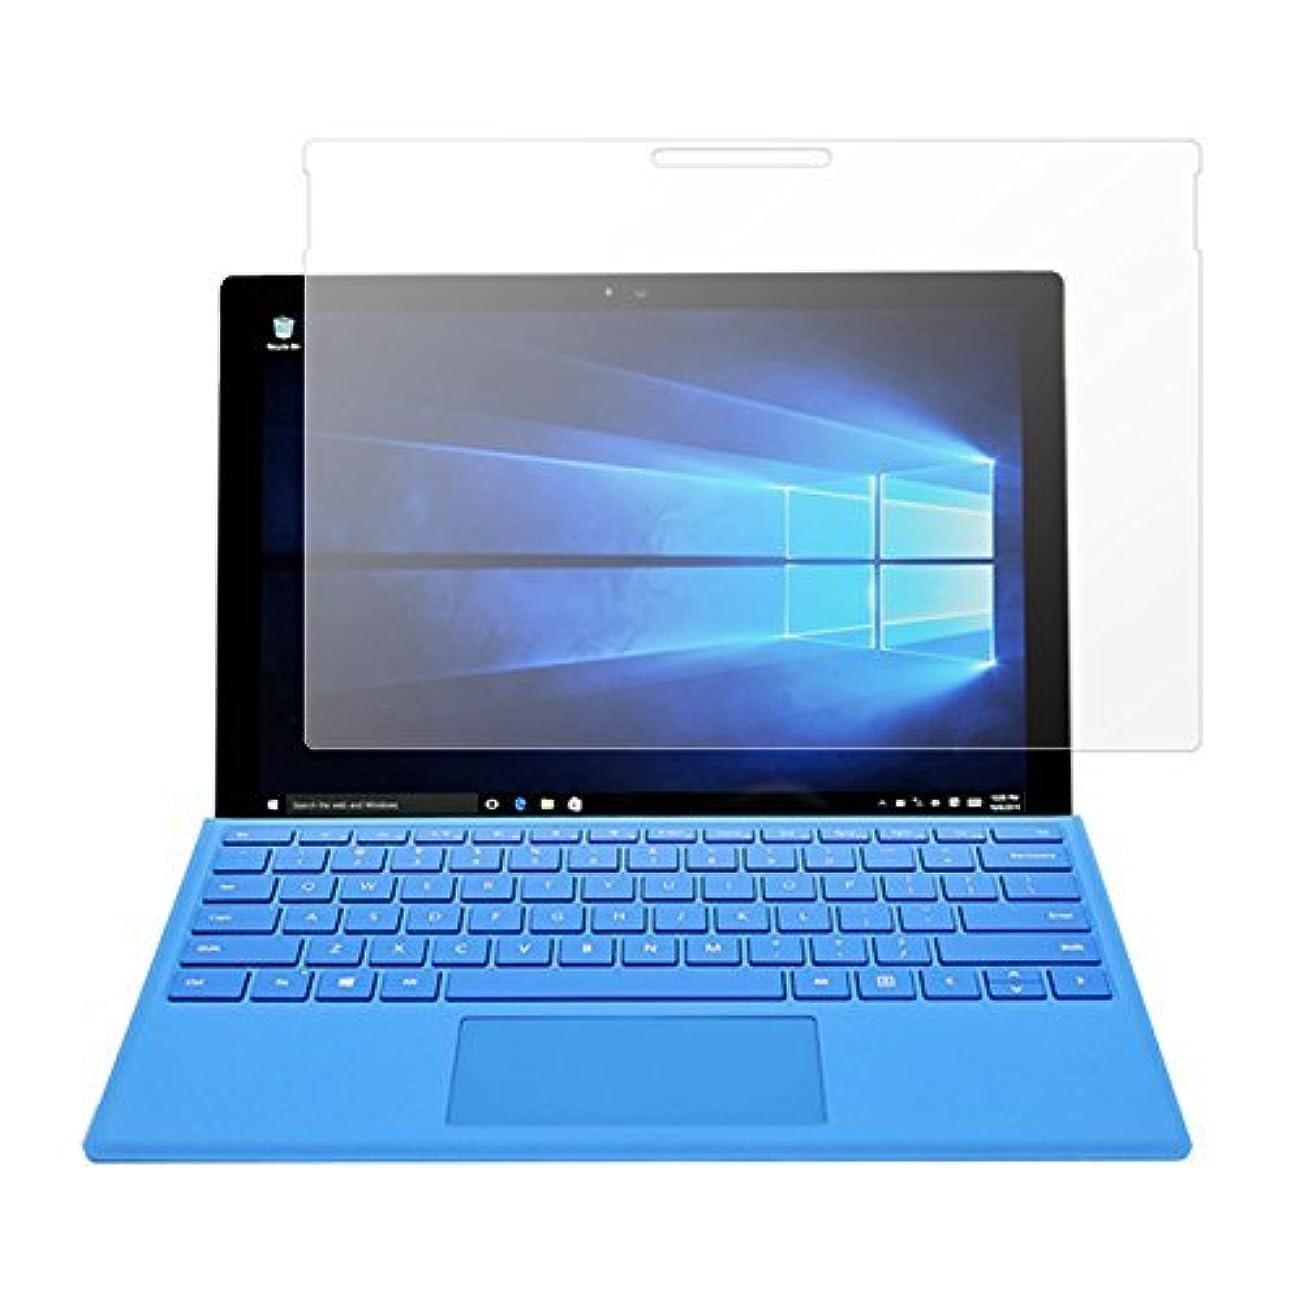 美徳フォアマン酸度TRkin Microsoft Surface Pro4/5/6 強化ガラスフィルム Microsoft Surface Pro4/5/6 液晶保護フィルム 気泡ゼロ 99%高透過率 硬度9H 指紋防止 飛散防止 耐衝撃 超薄0.3mm 2.5D ラウンドエッジ加工